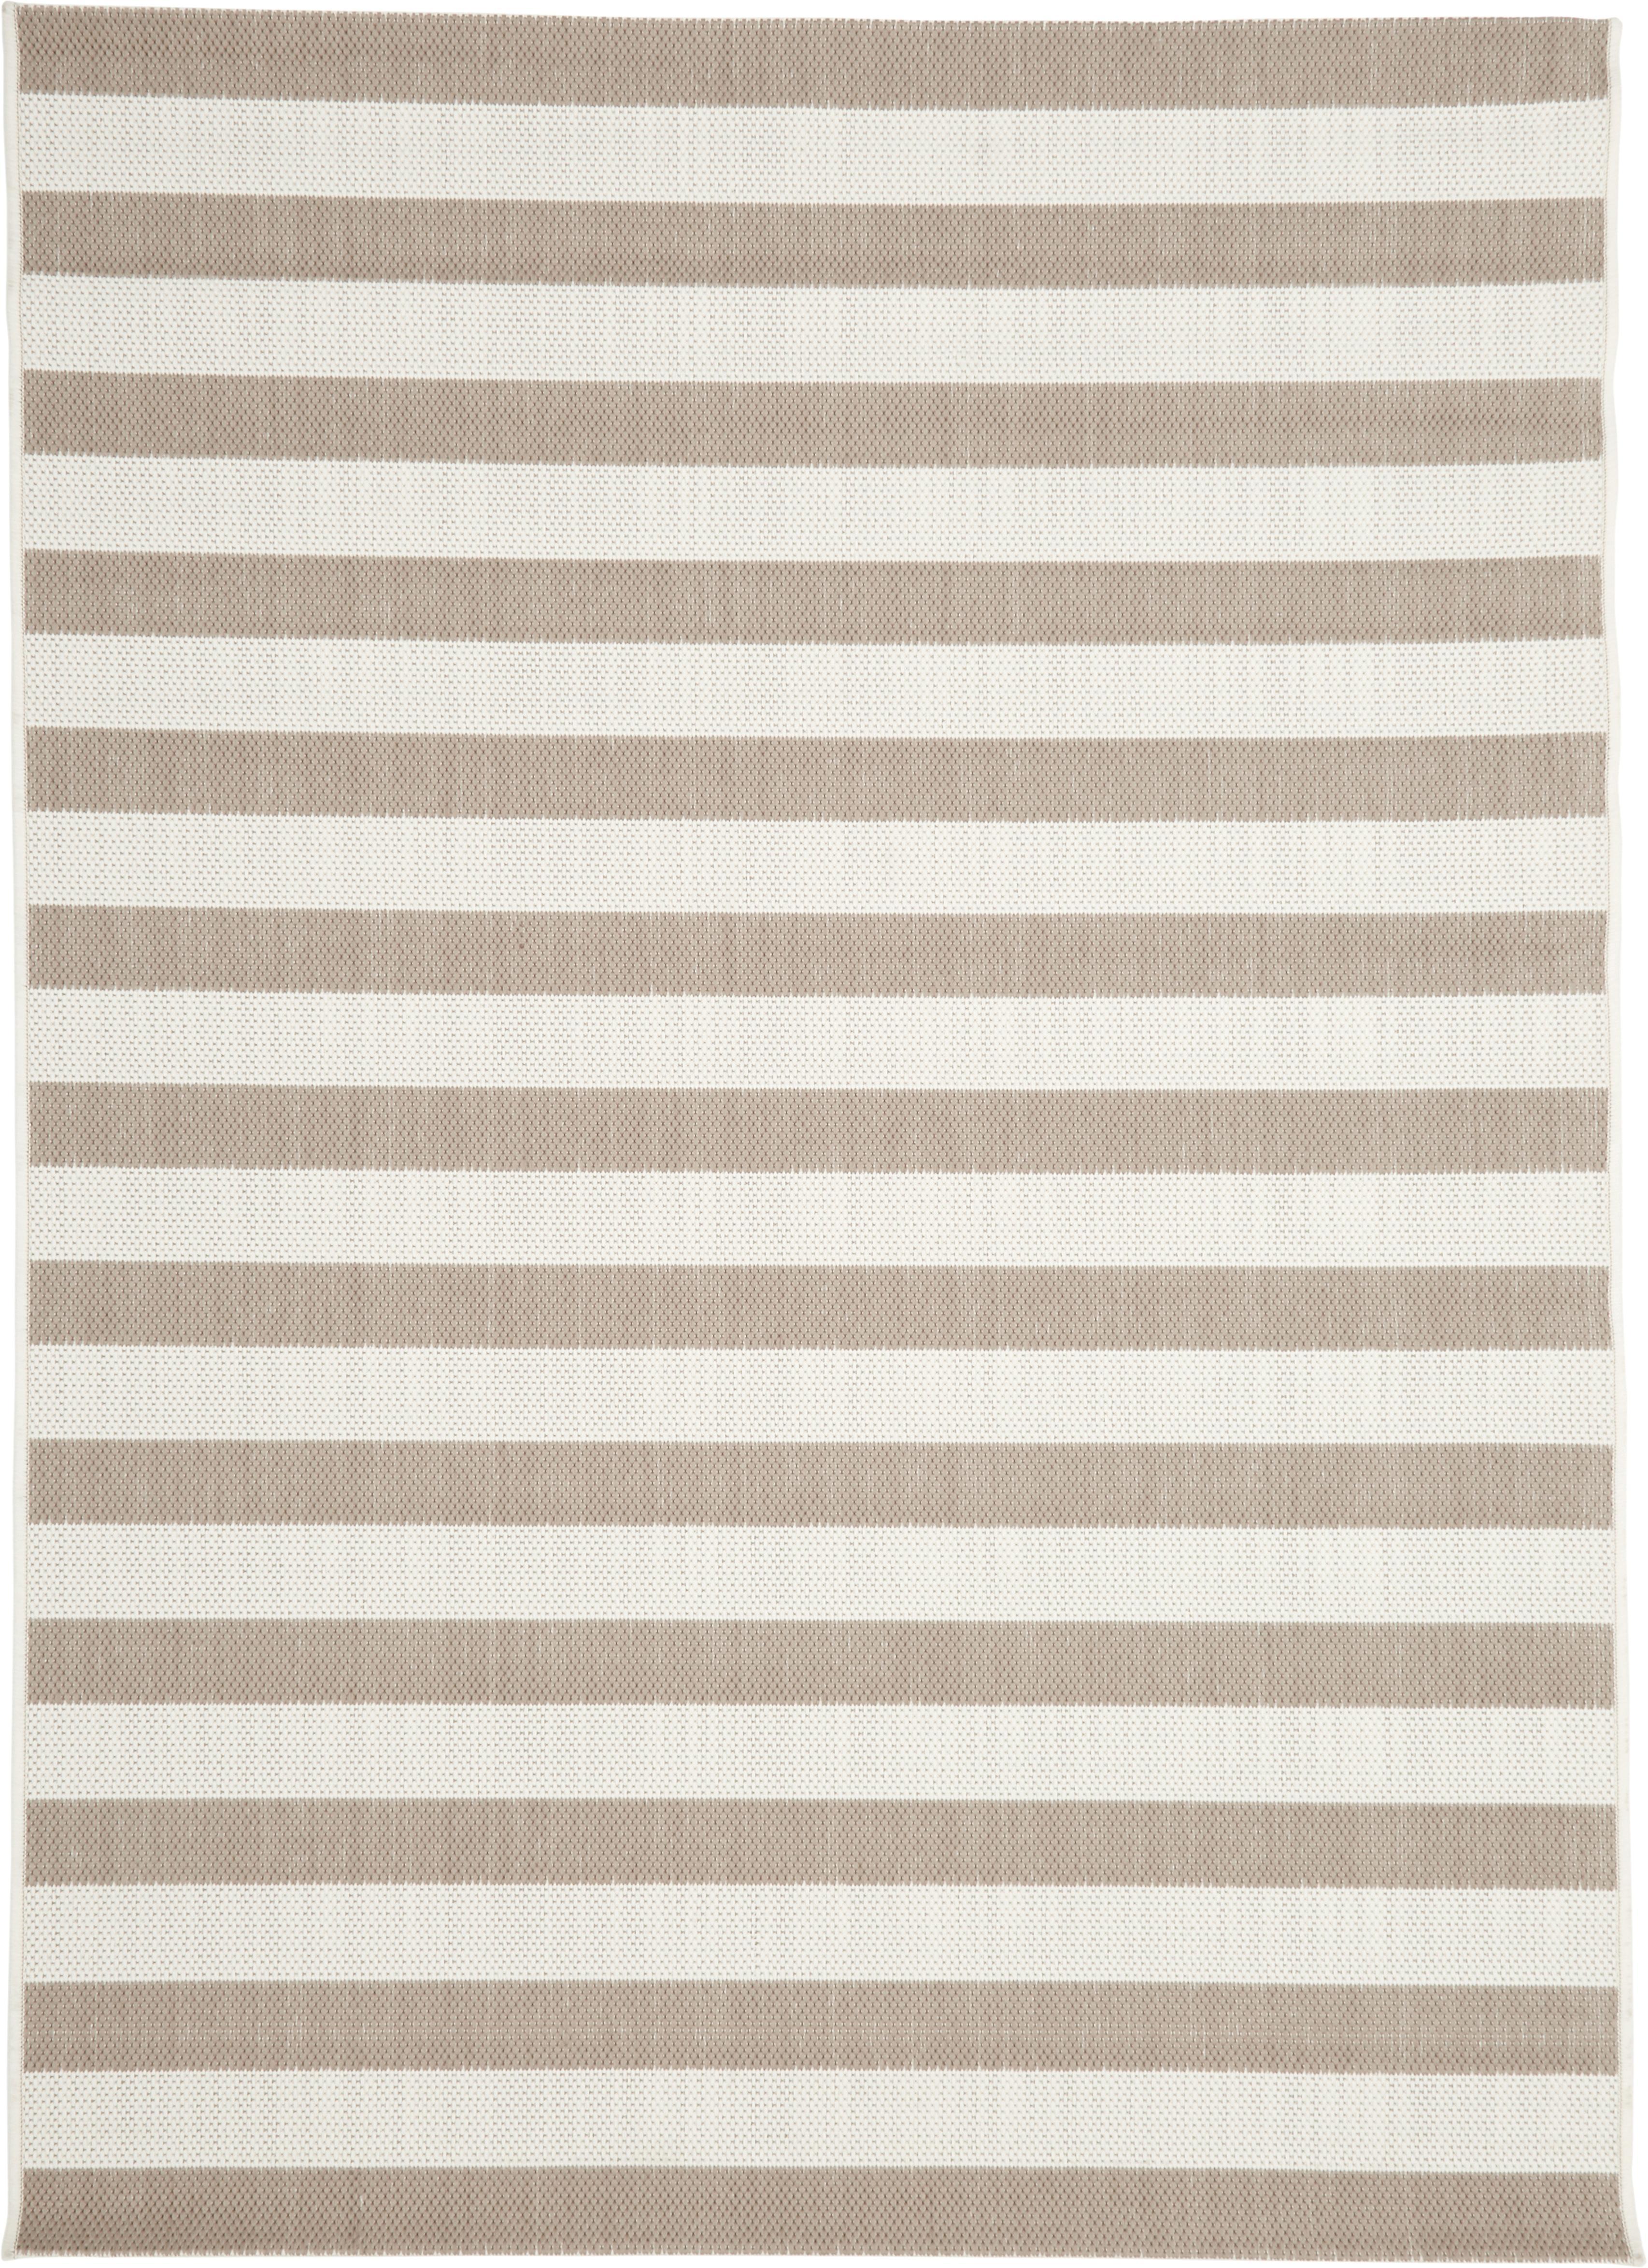 Gestreifter In- & Outdoor-Teppich Axa in Beige/Weiß, Flor: 100% Polypropylen, Cremeweiß, Beige, B 120 x L 170 cm (Größe S)